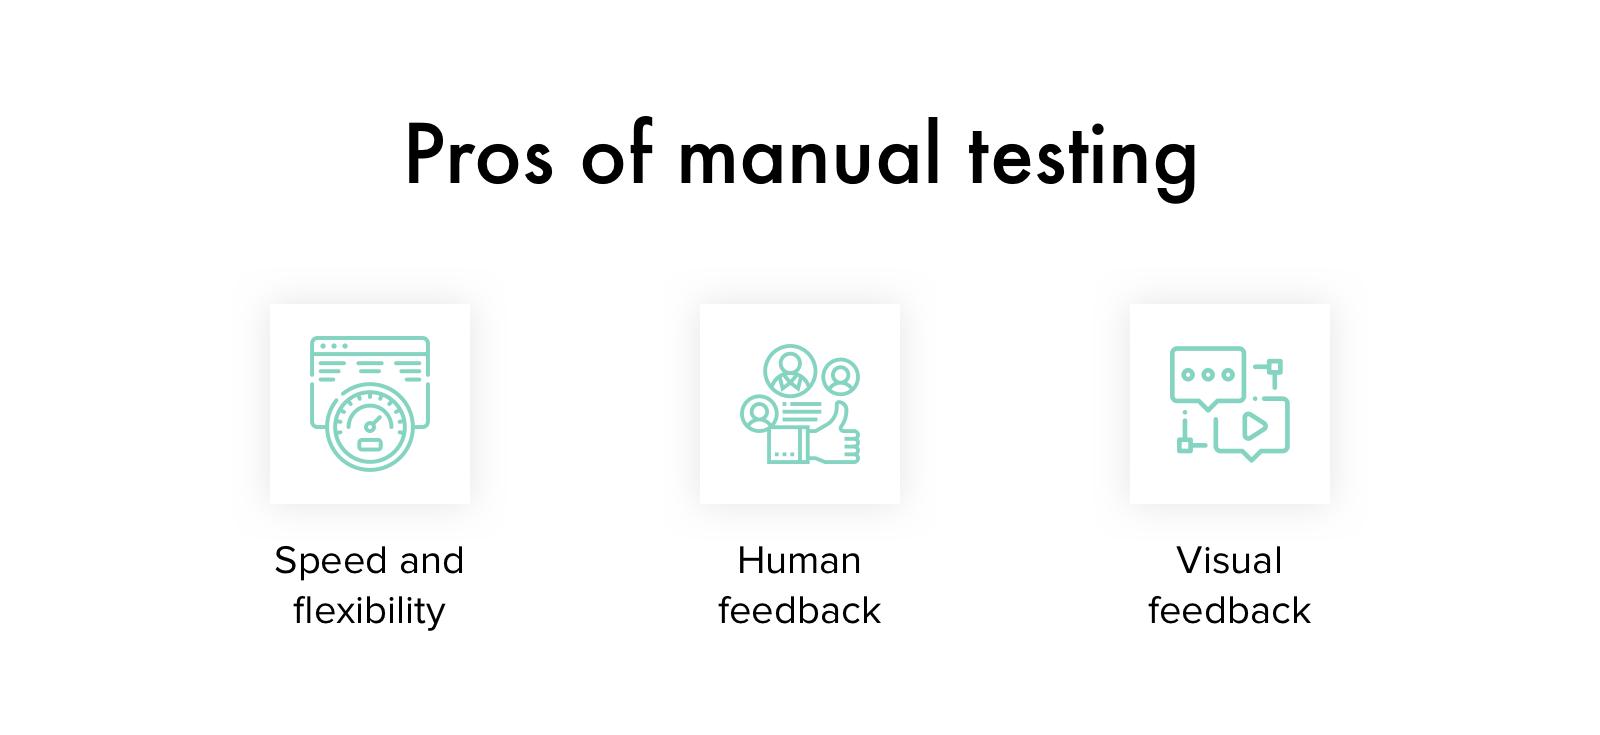 Pros of manual testing